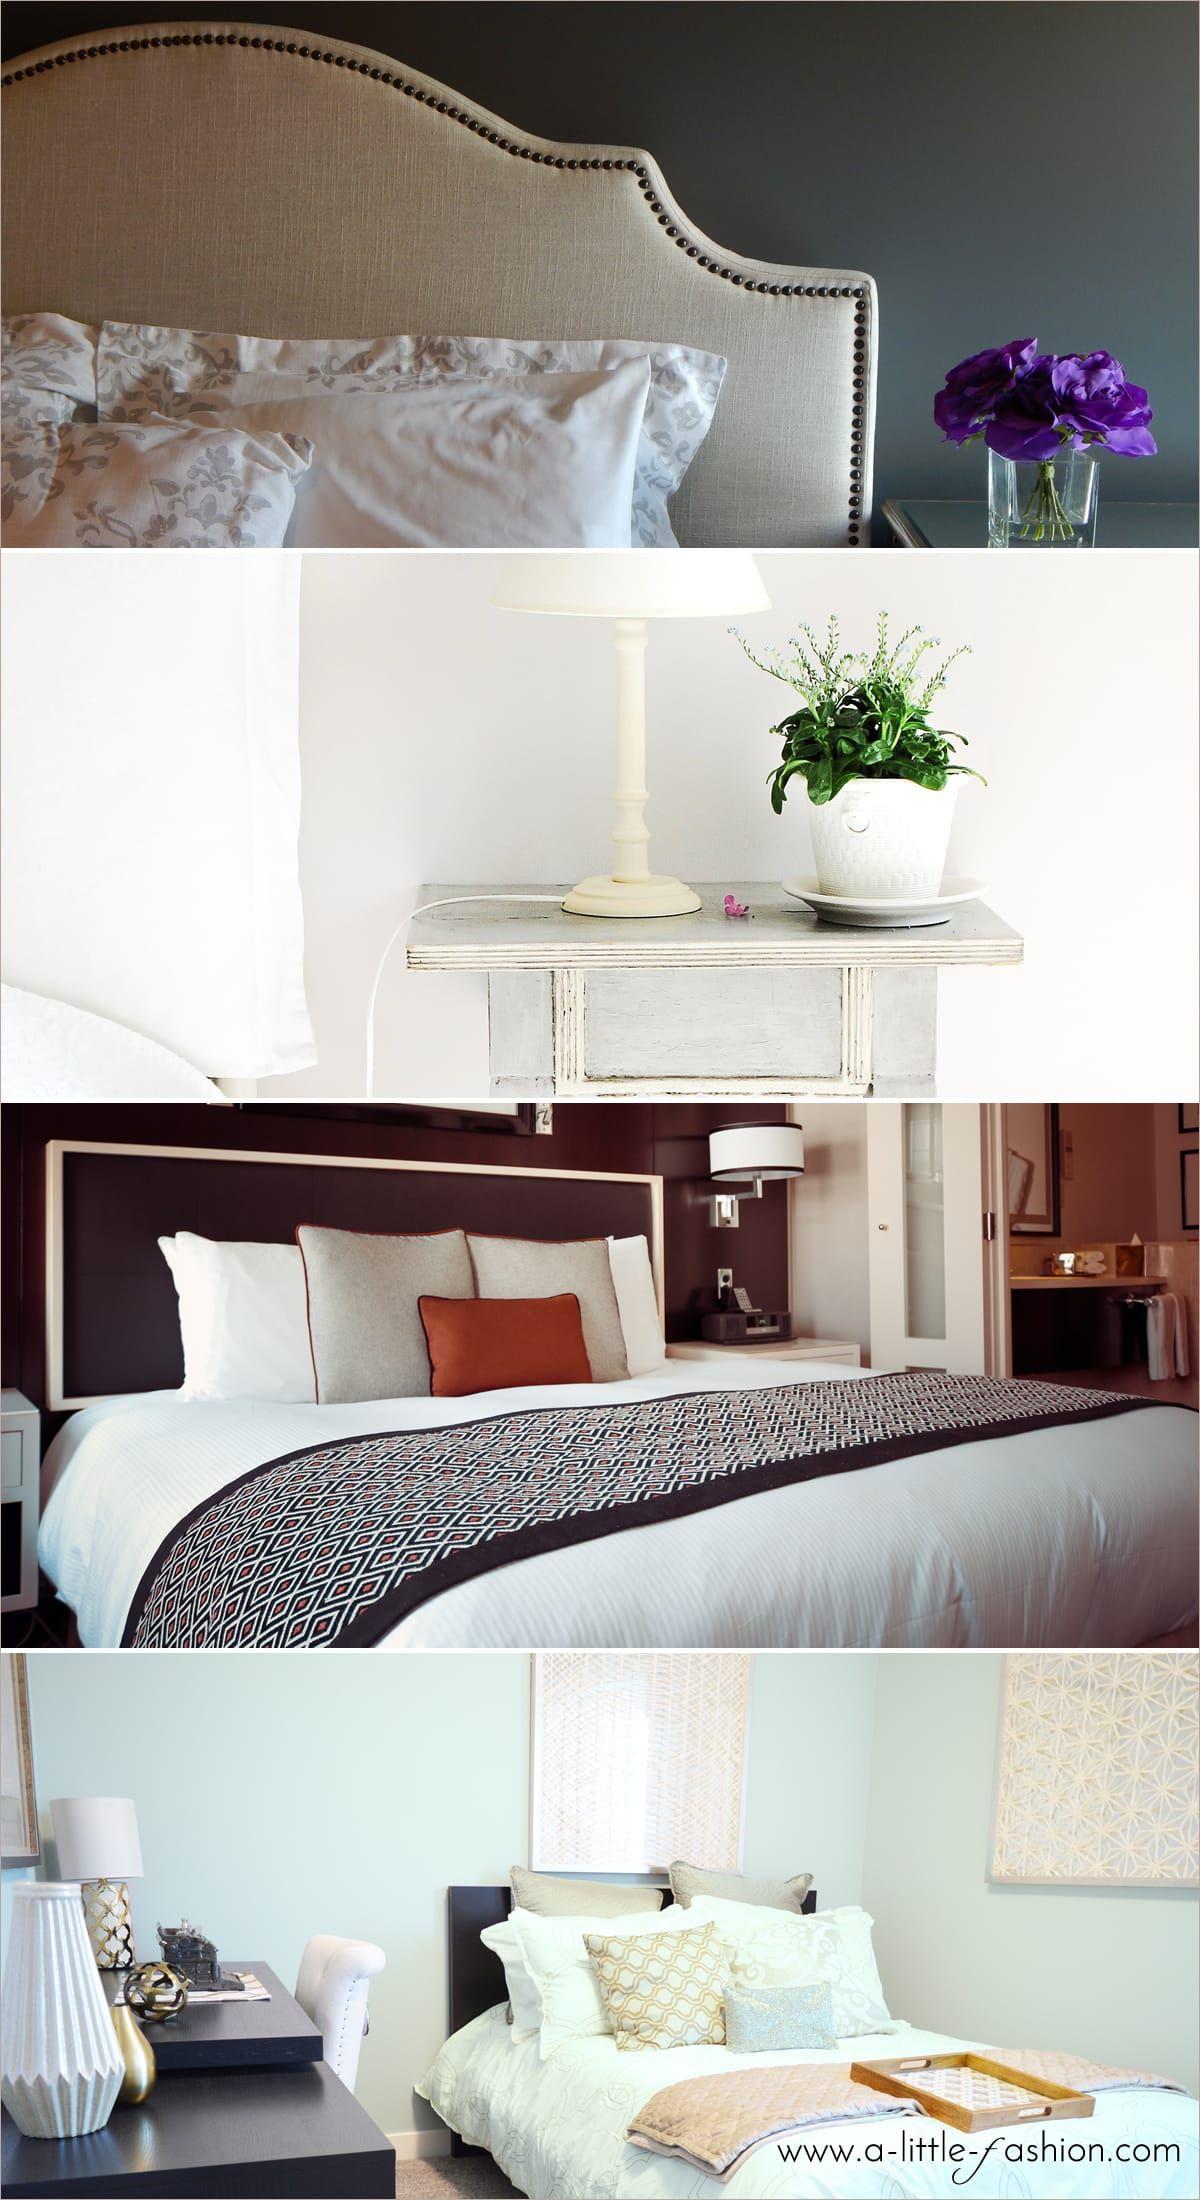 Genial ... Http://www.a Little Fashion.com/living/schlafzimmer Richtig Einrichten  #wohnen #einrichtung #ideen #deko #möbel #schlafzimmer #inspiration  #wohnzimmer ...